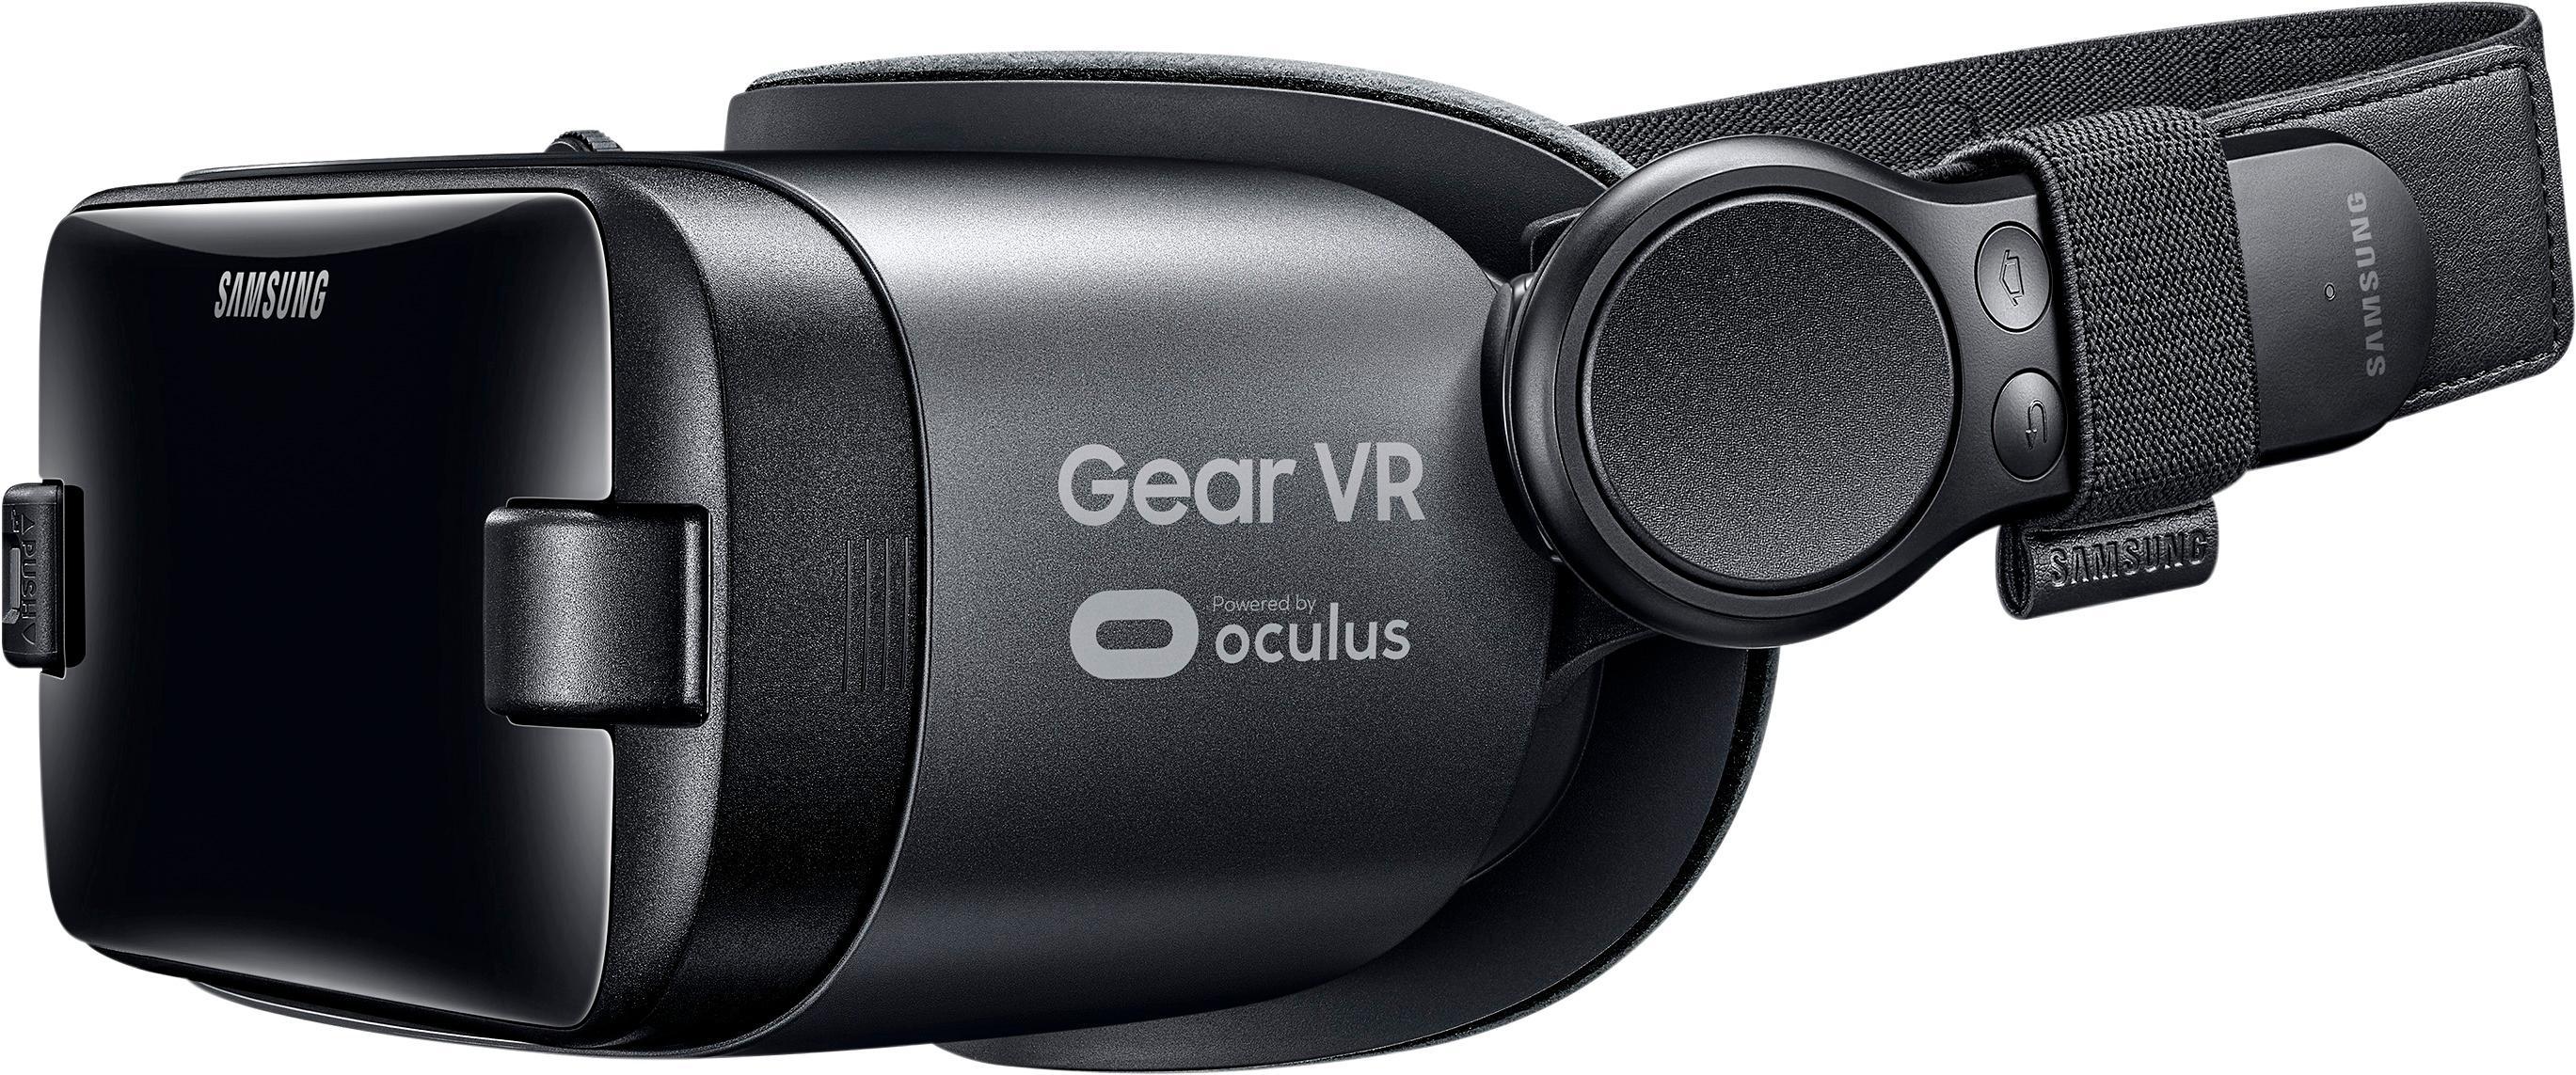 Mua Galaxy S8, S8 Plus - Tặng ngay kính thực tế ảo Gear VR trị giá 2.490.000đ hình 2